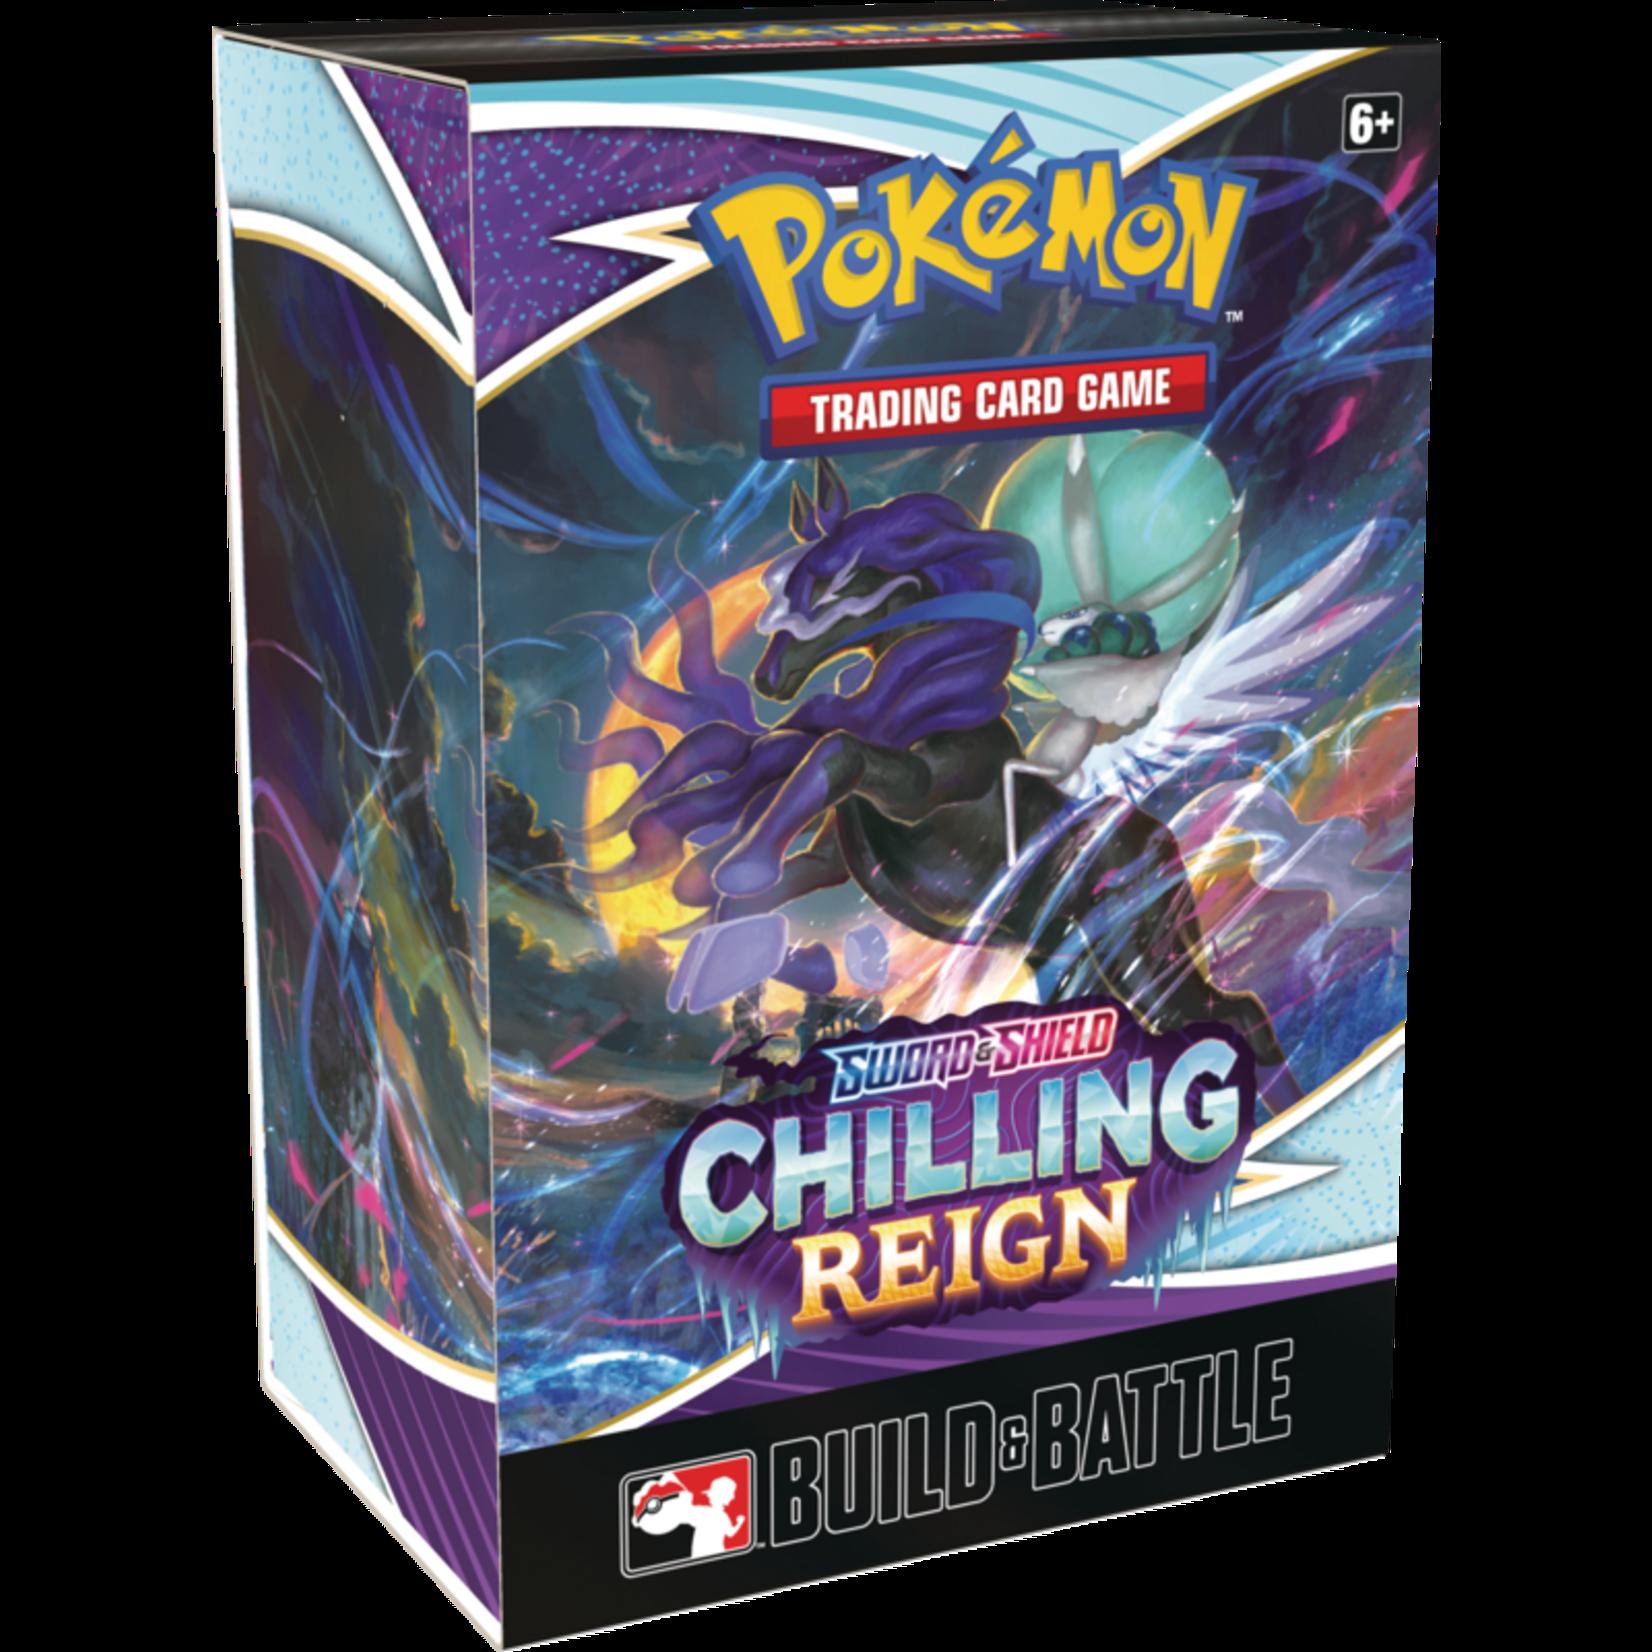 Pokémon Pokémon TCG: Sword & Shield—Chilling Reign Build & Battle Box